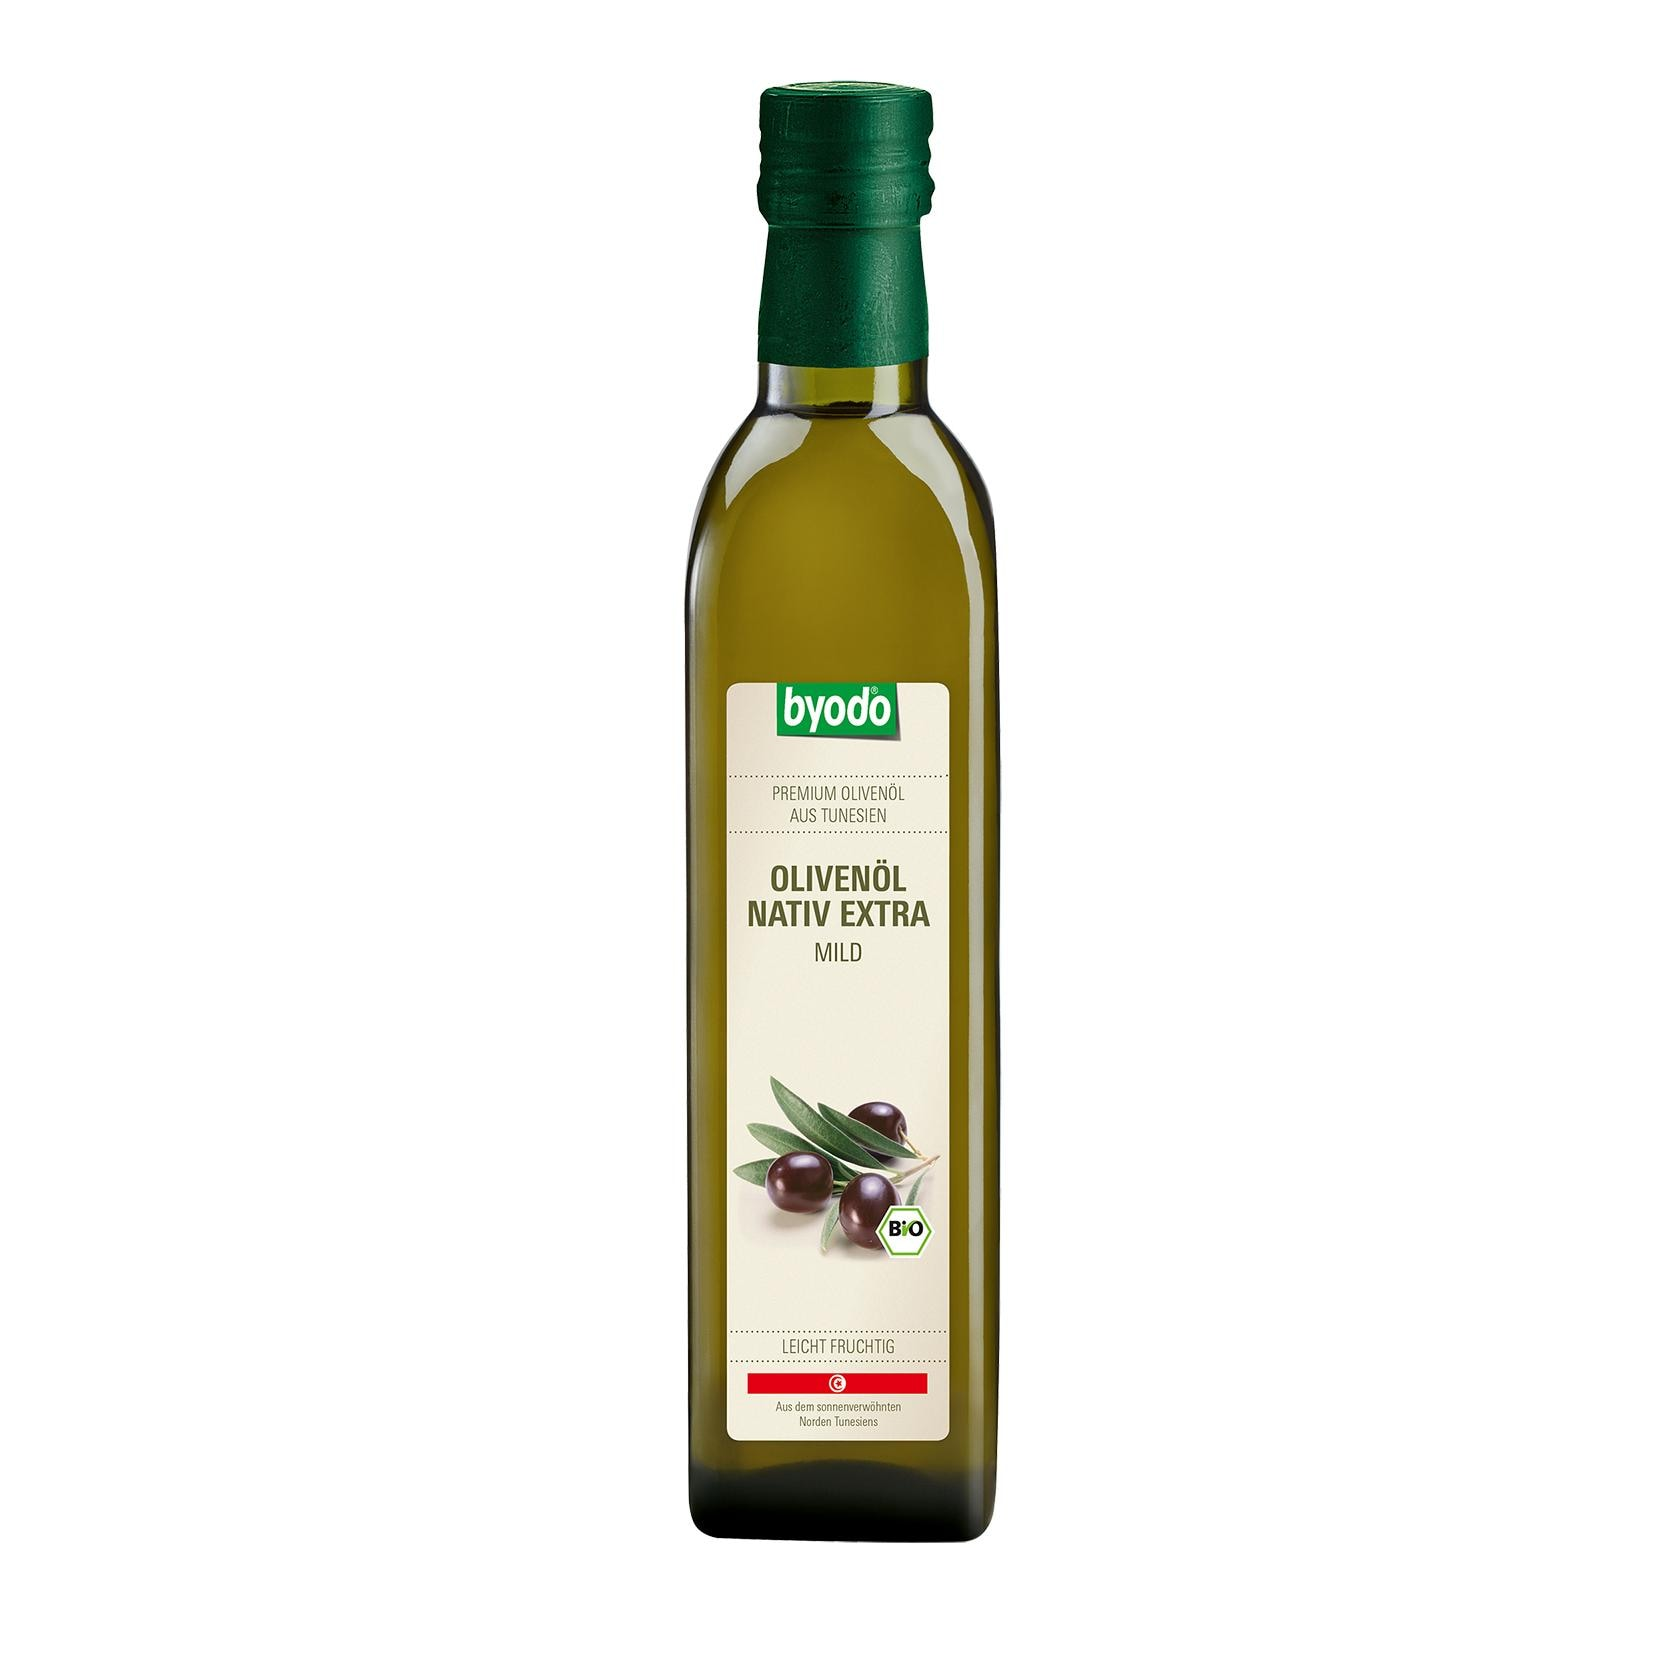 Byodo Bio Olivenöl Nativ Extra 750ml